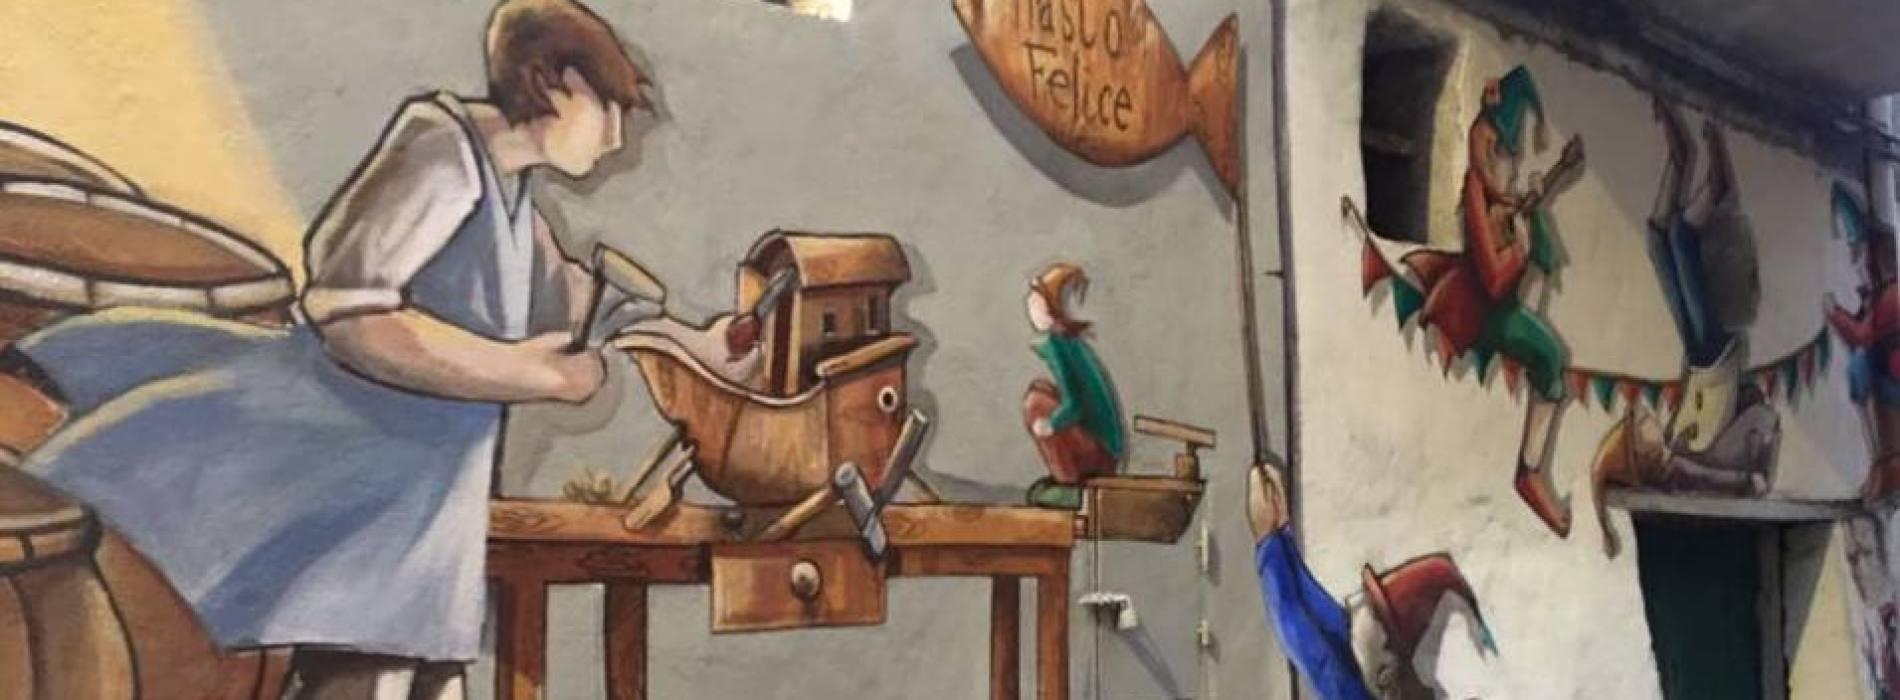 Street art in Terra di Lavoro, mazzamaurielli invadono Valogno